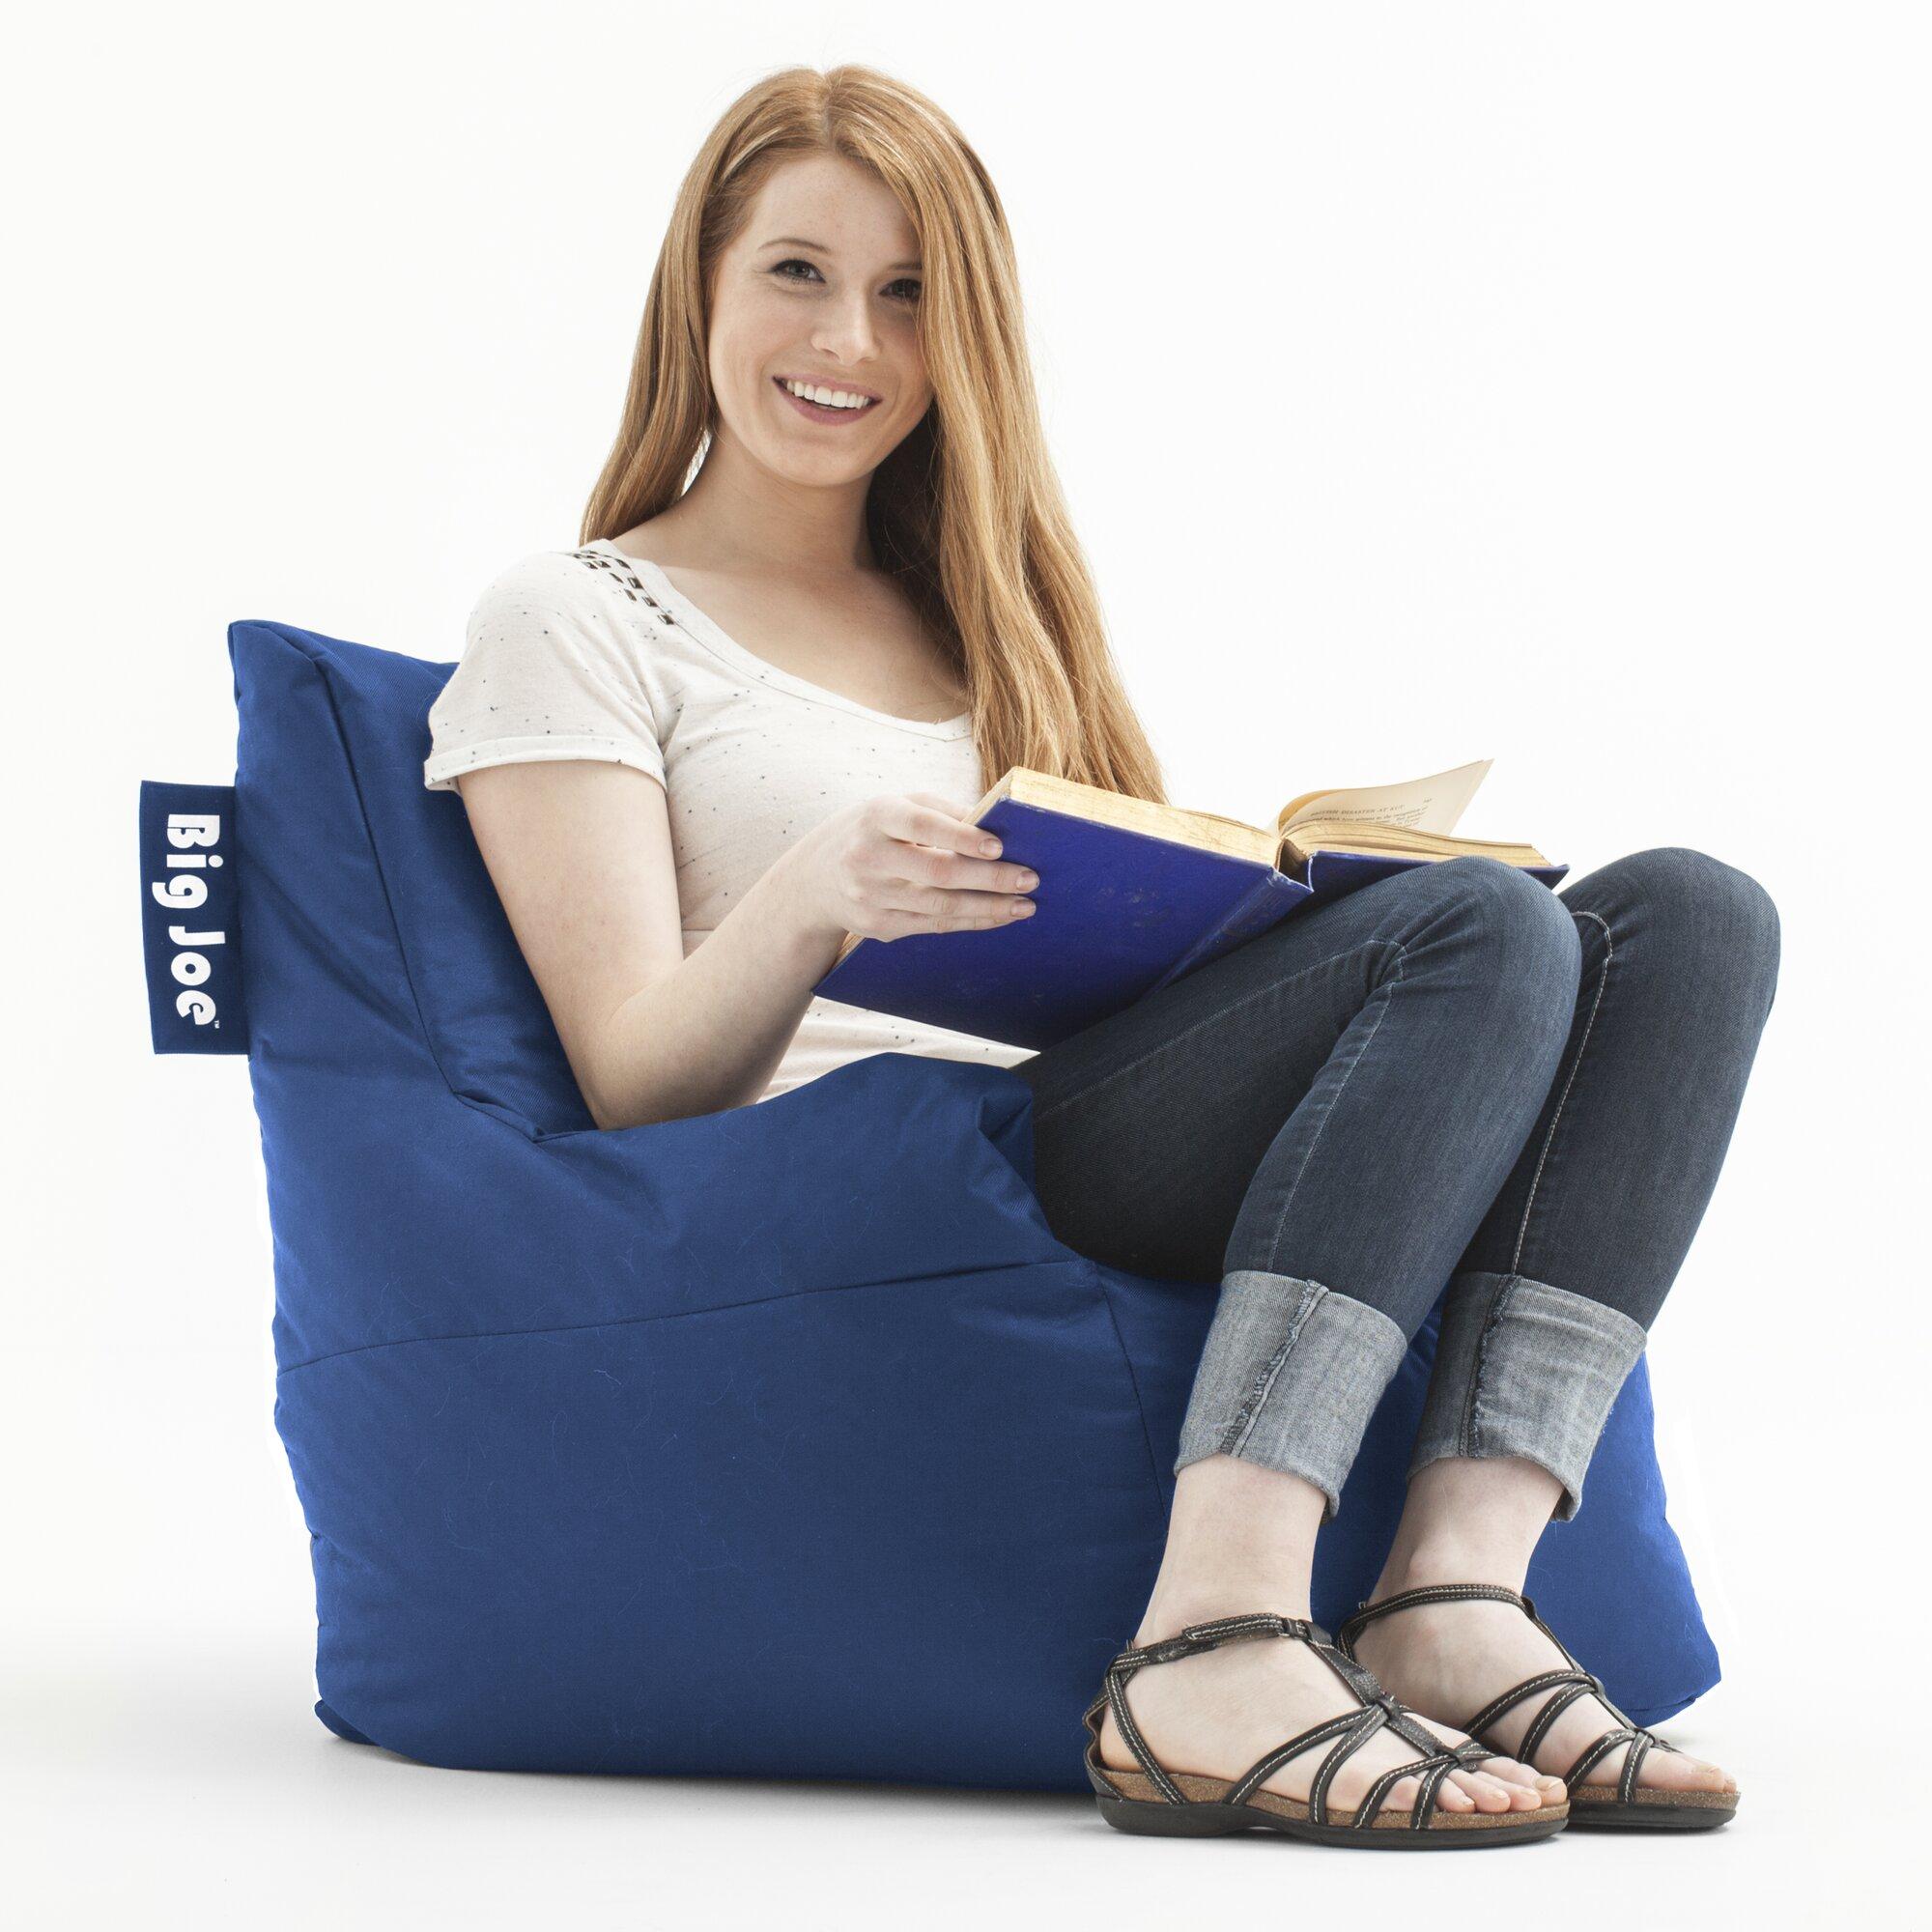 Big joe lumin chair - Big Joe Lumin Chair Multiple Colors Big Joe Bean Bag Lounger